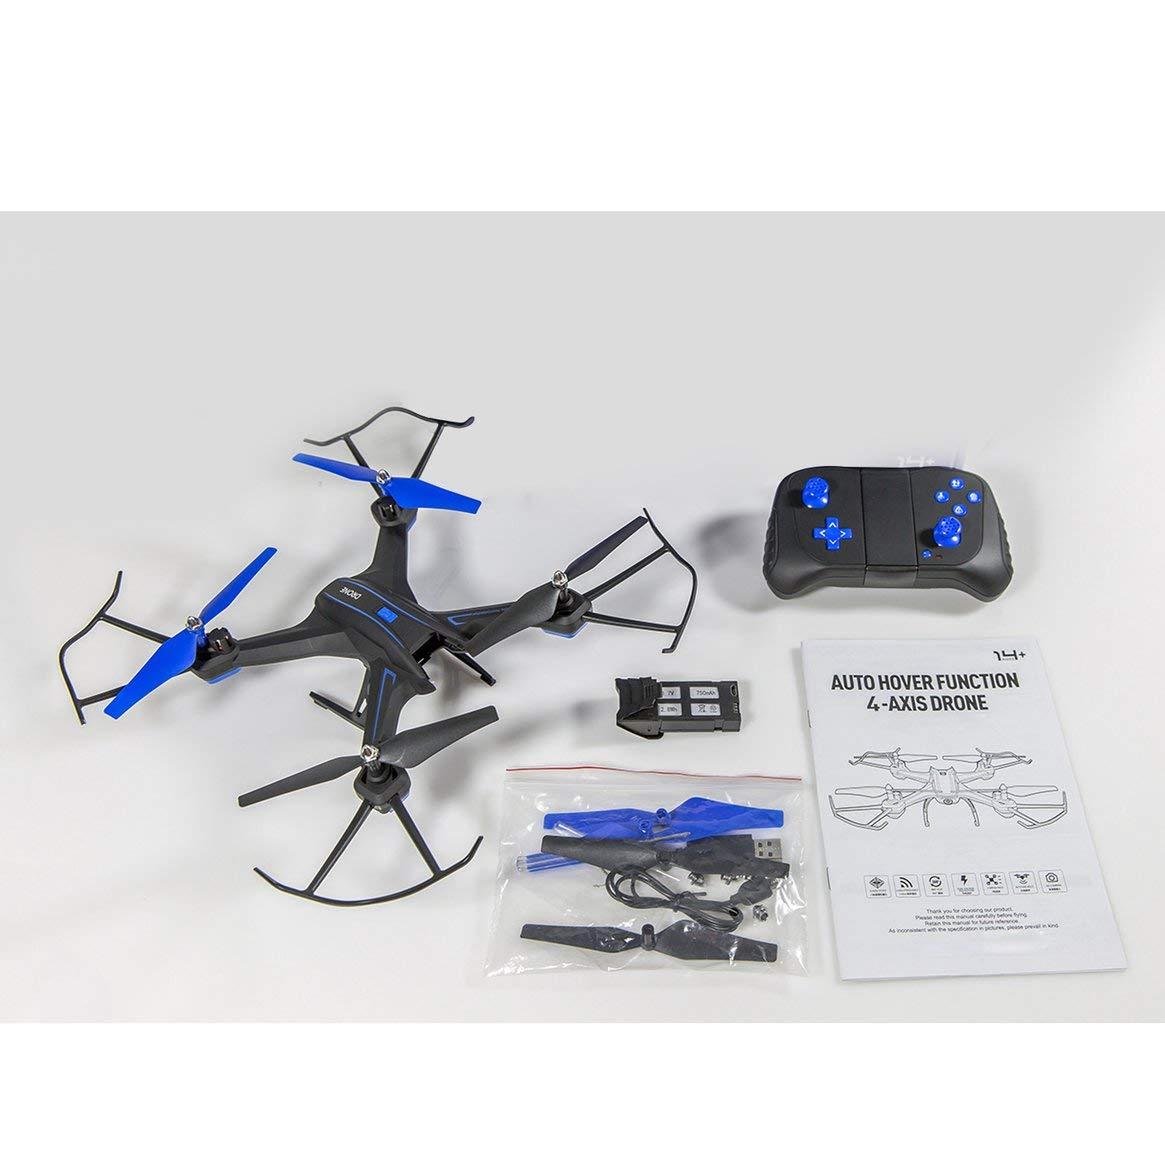 Delicacydex S6W-2 Smart Selfie RC Quadrocopter-Drohnenflugzeug mit WLAN FPV 720P Weitwinkel HD Echtzeitkamera Höhenlage Headless-Modus - Schwarz